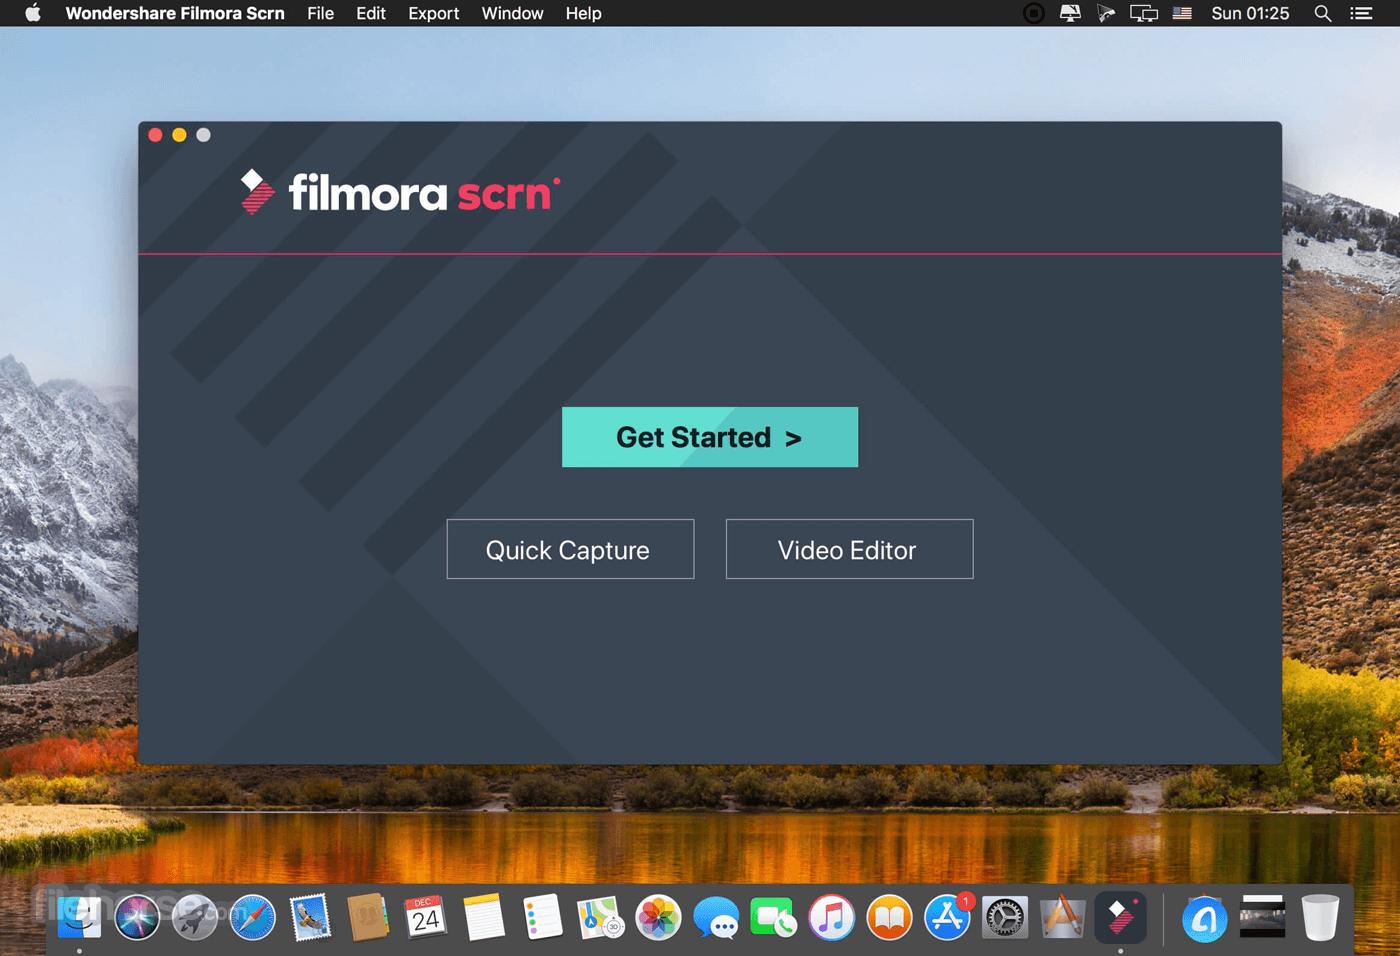 Filmora-Scrn